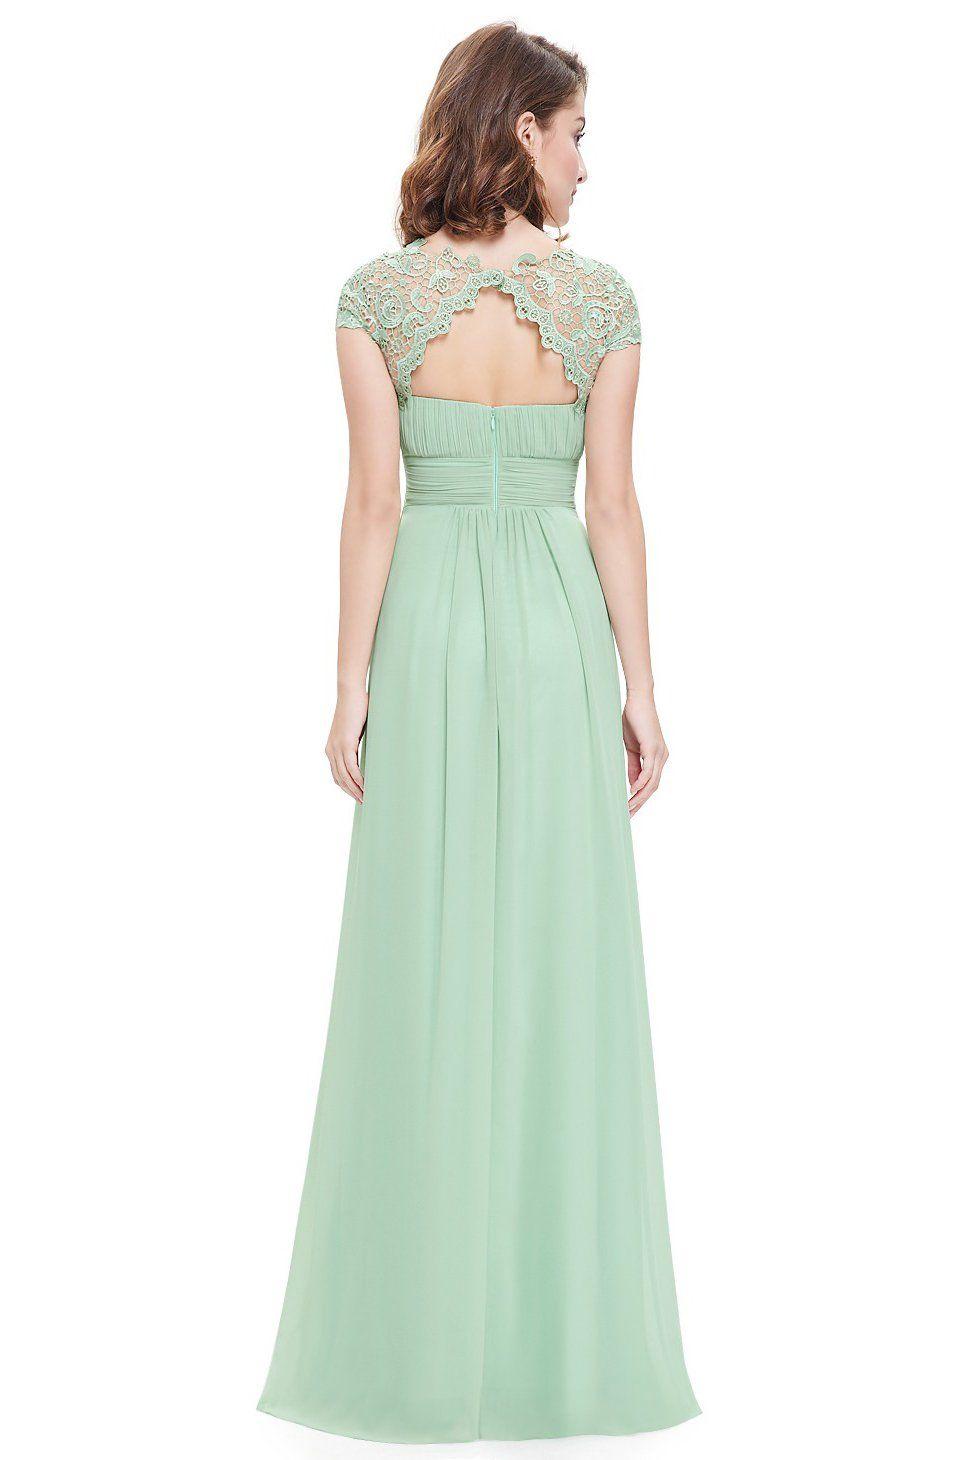 Mint green illusion lace top chiffon long bridesmaid dress iichic